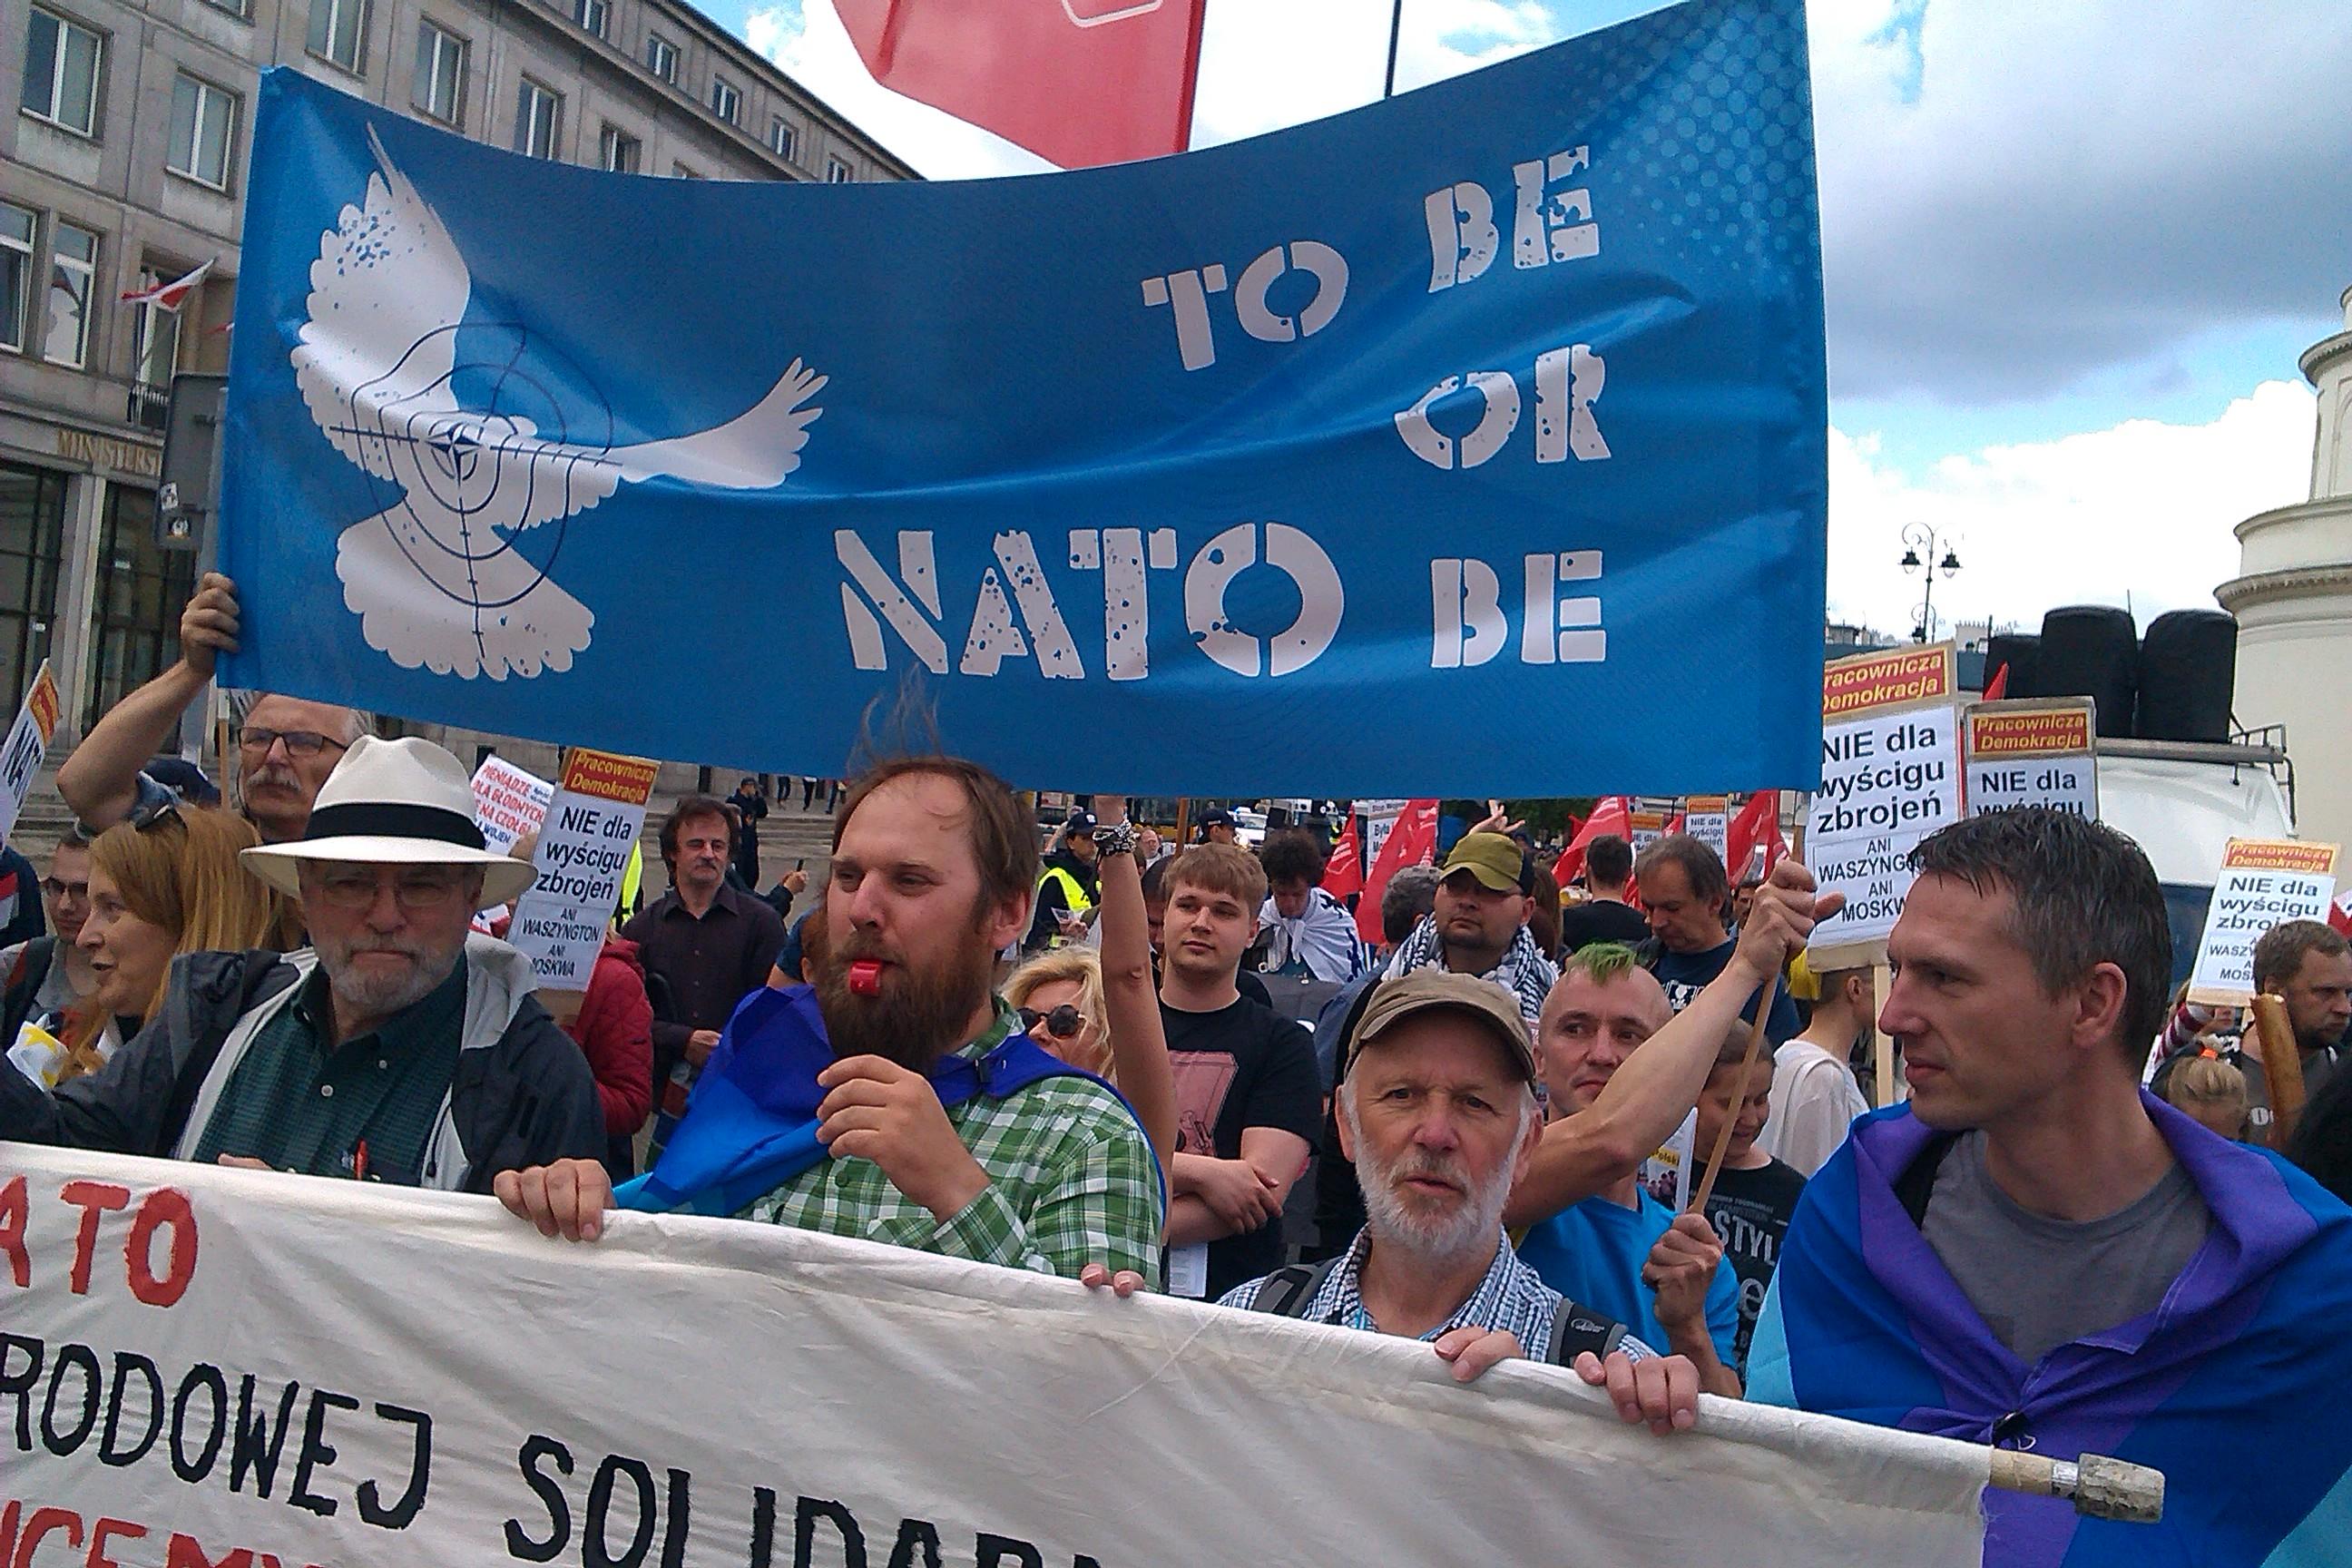 """Abbildung 2 zeigt das Banner """"To be or NATO be"""" auf einer Demonstration anlässlich des NATO-Gipfels im Juli 2016 in Warschau. Grafik des Banners: Doro Tops."""